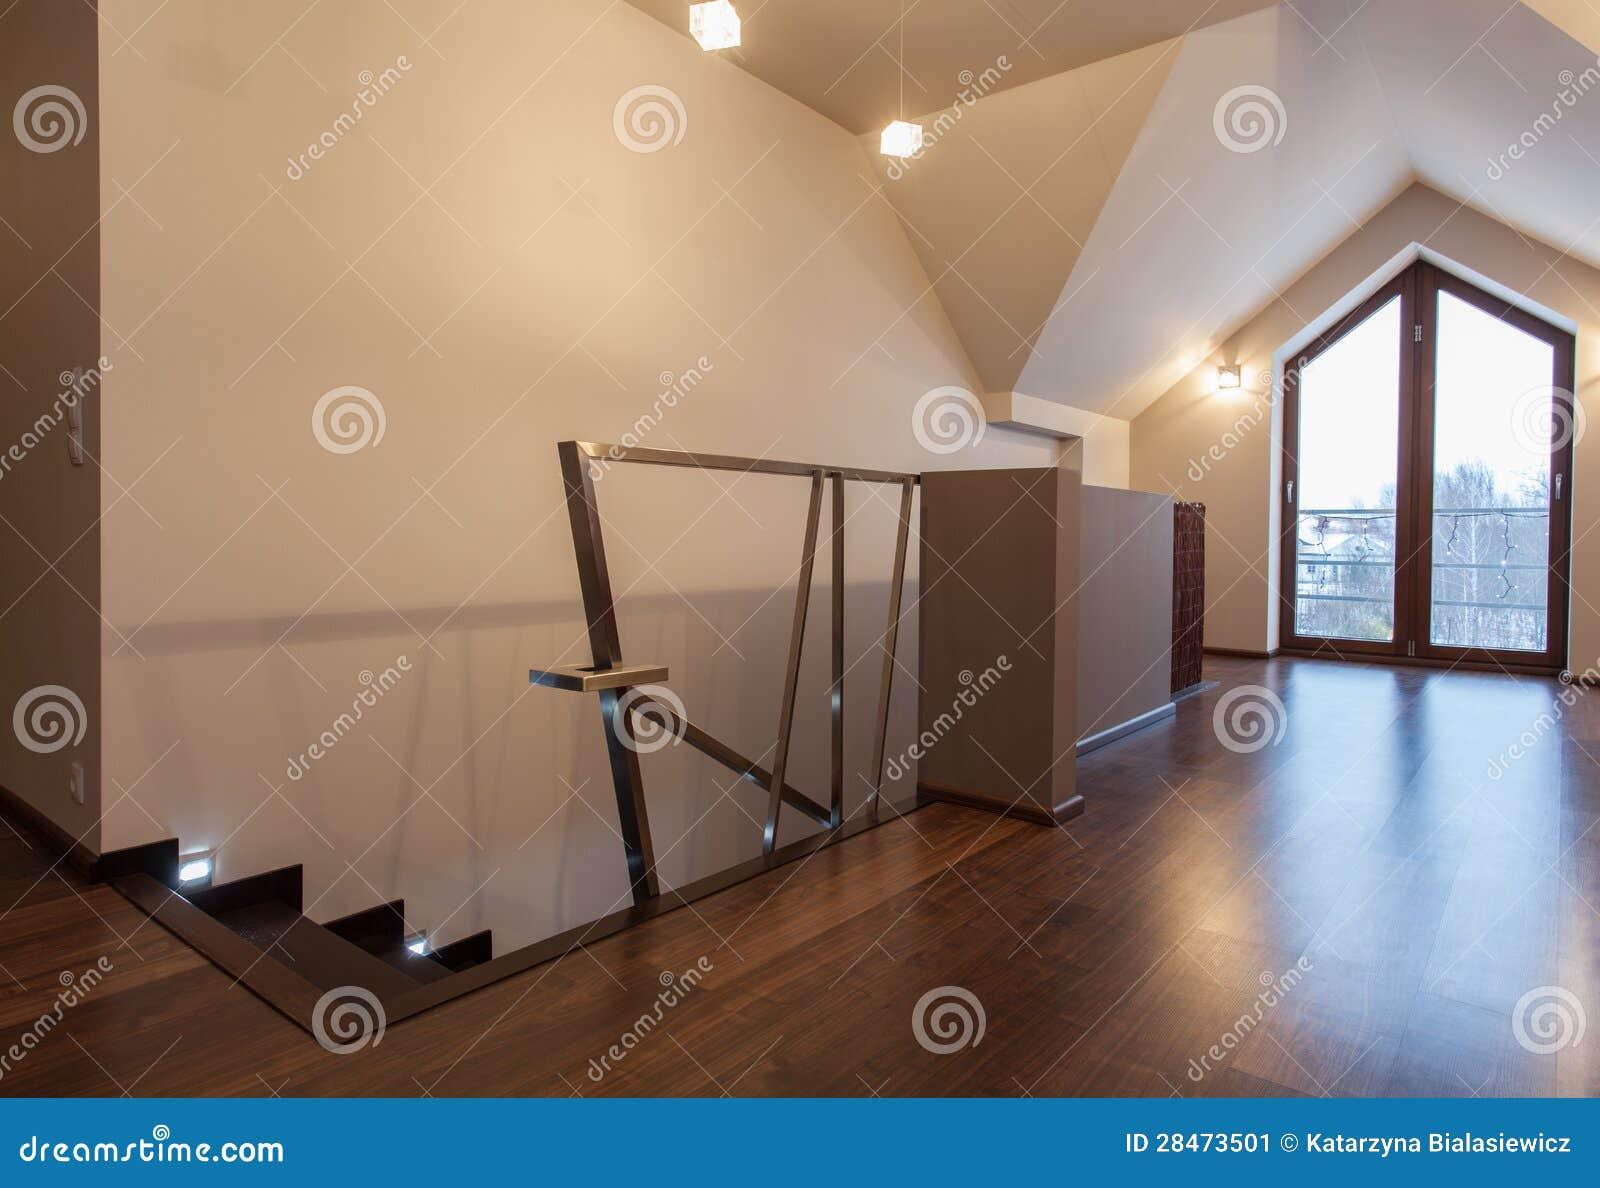 Beliebt Karminrotes Haus - Zeitgenössischer Dachboden Stockbild - Bild von KW15